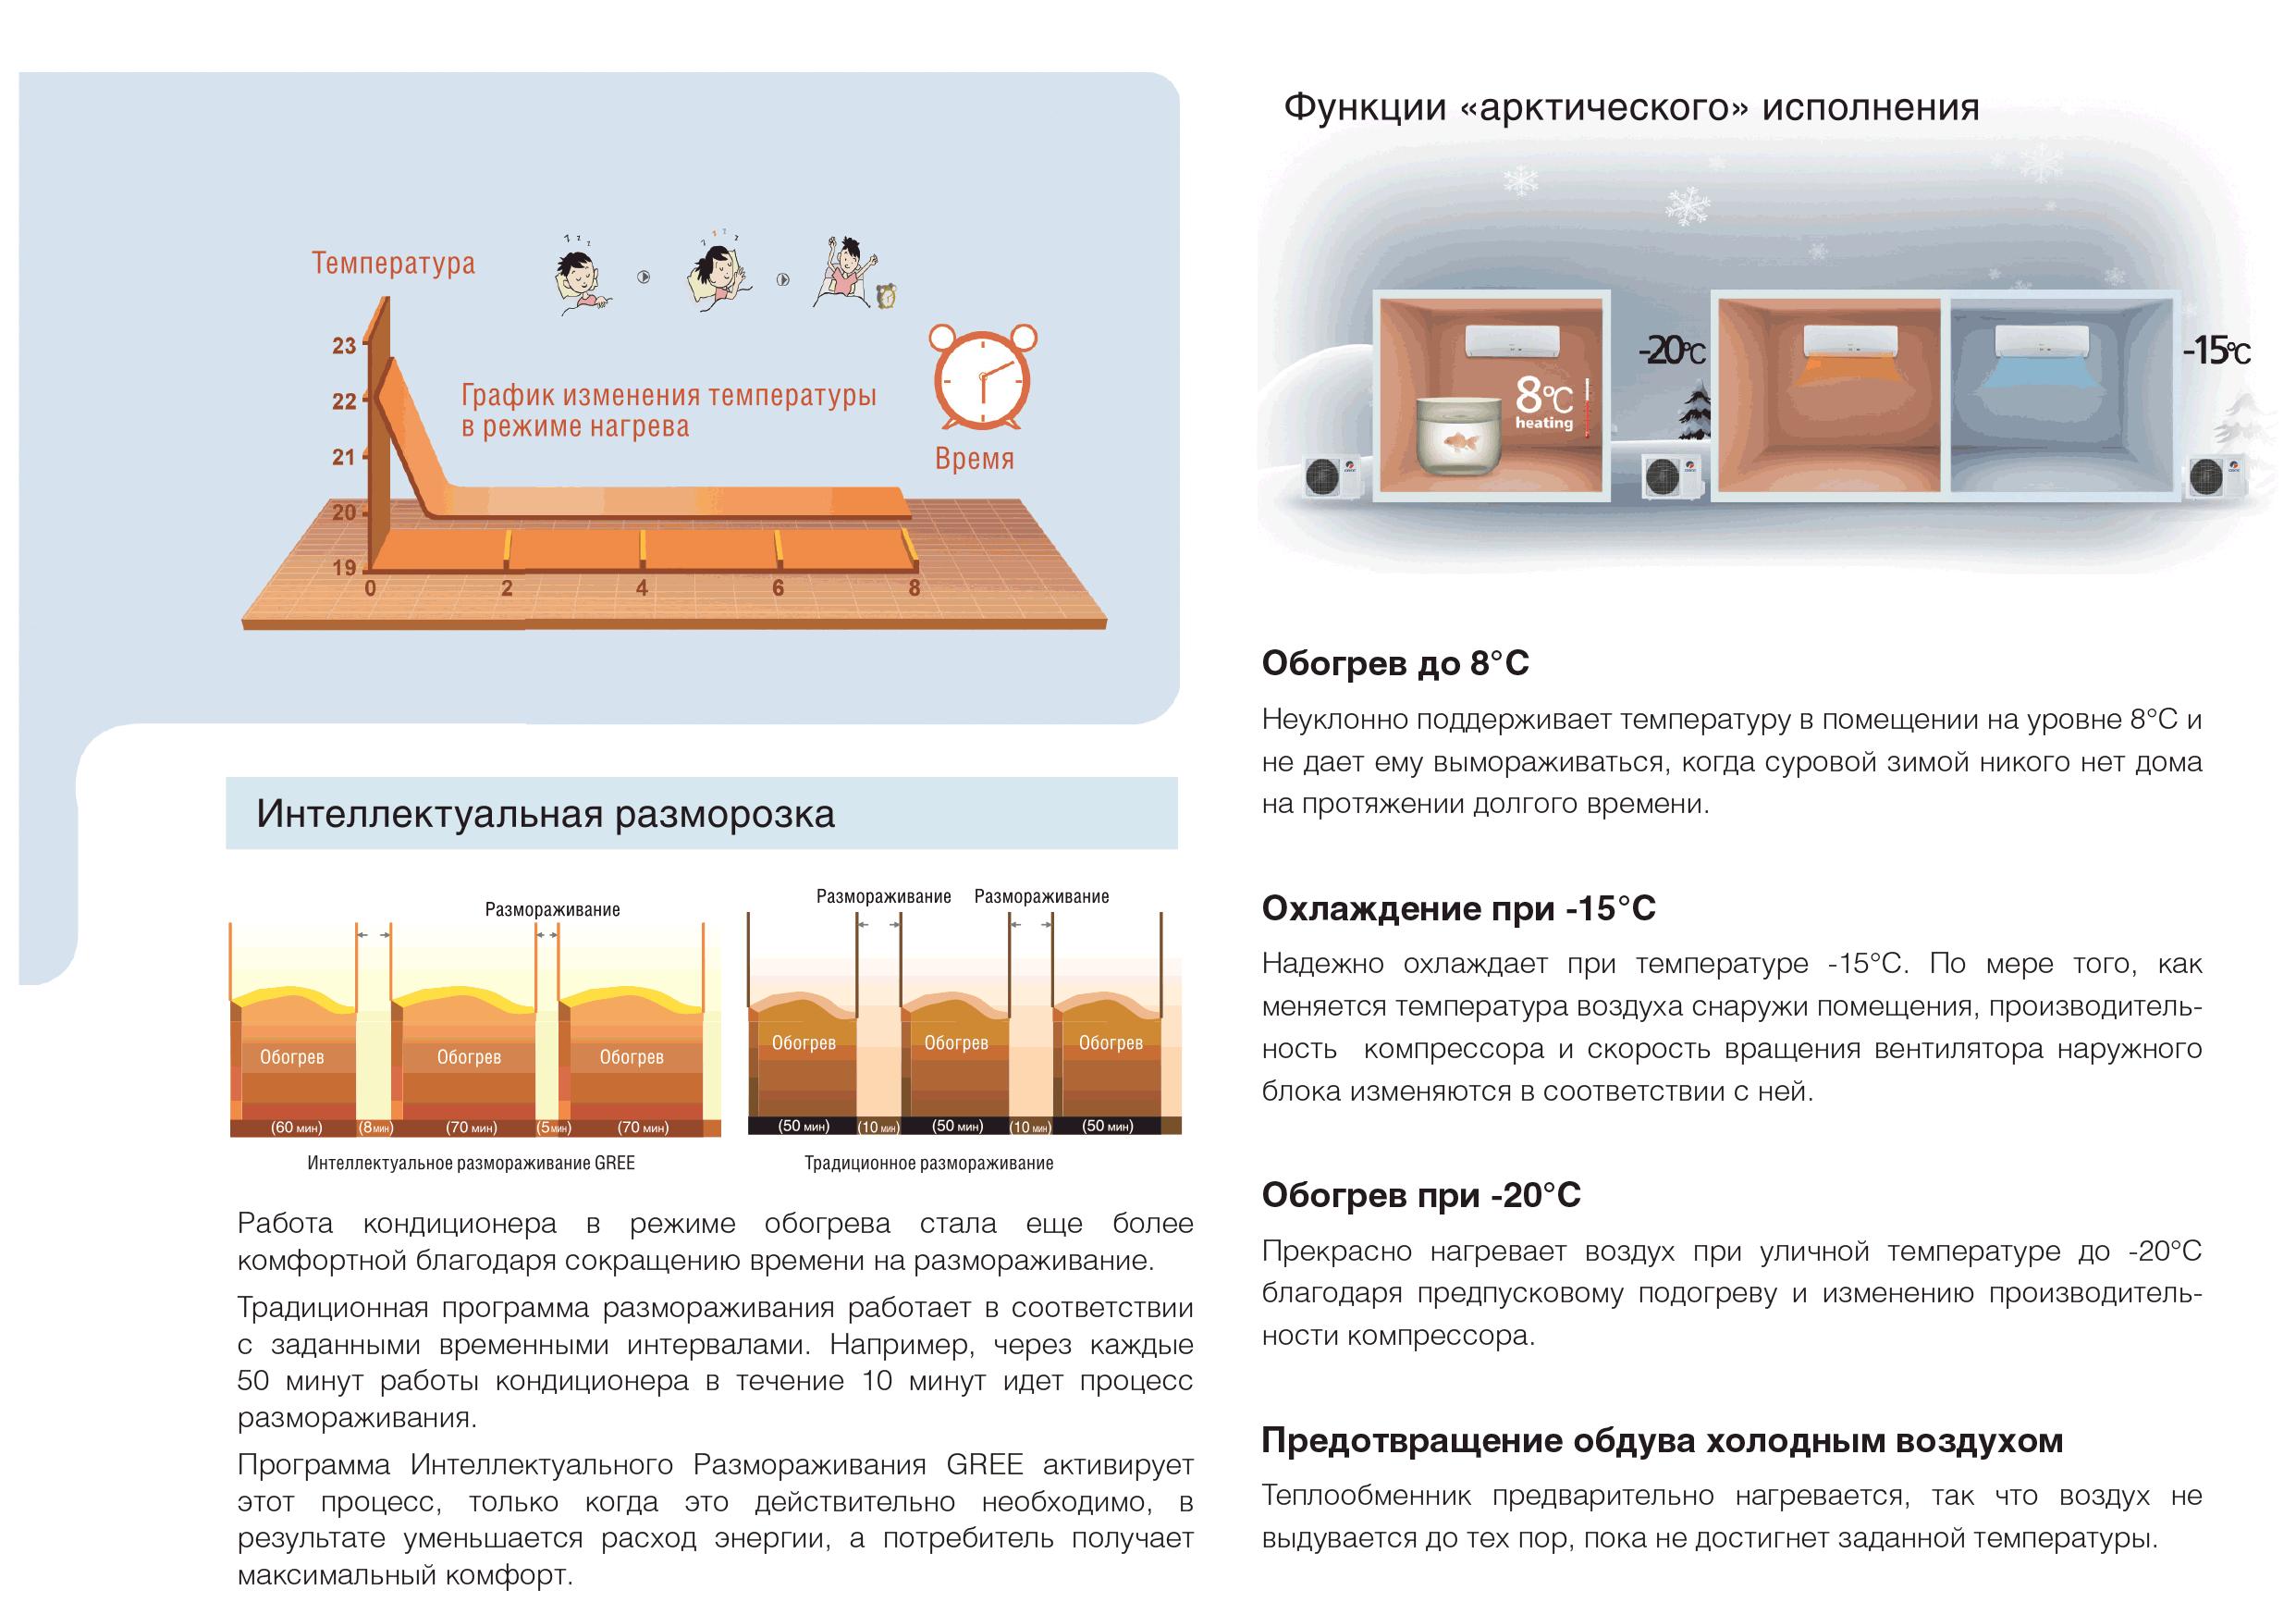 бытовой кондиционер gree в алматы